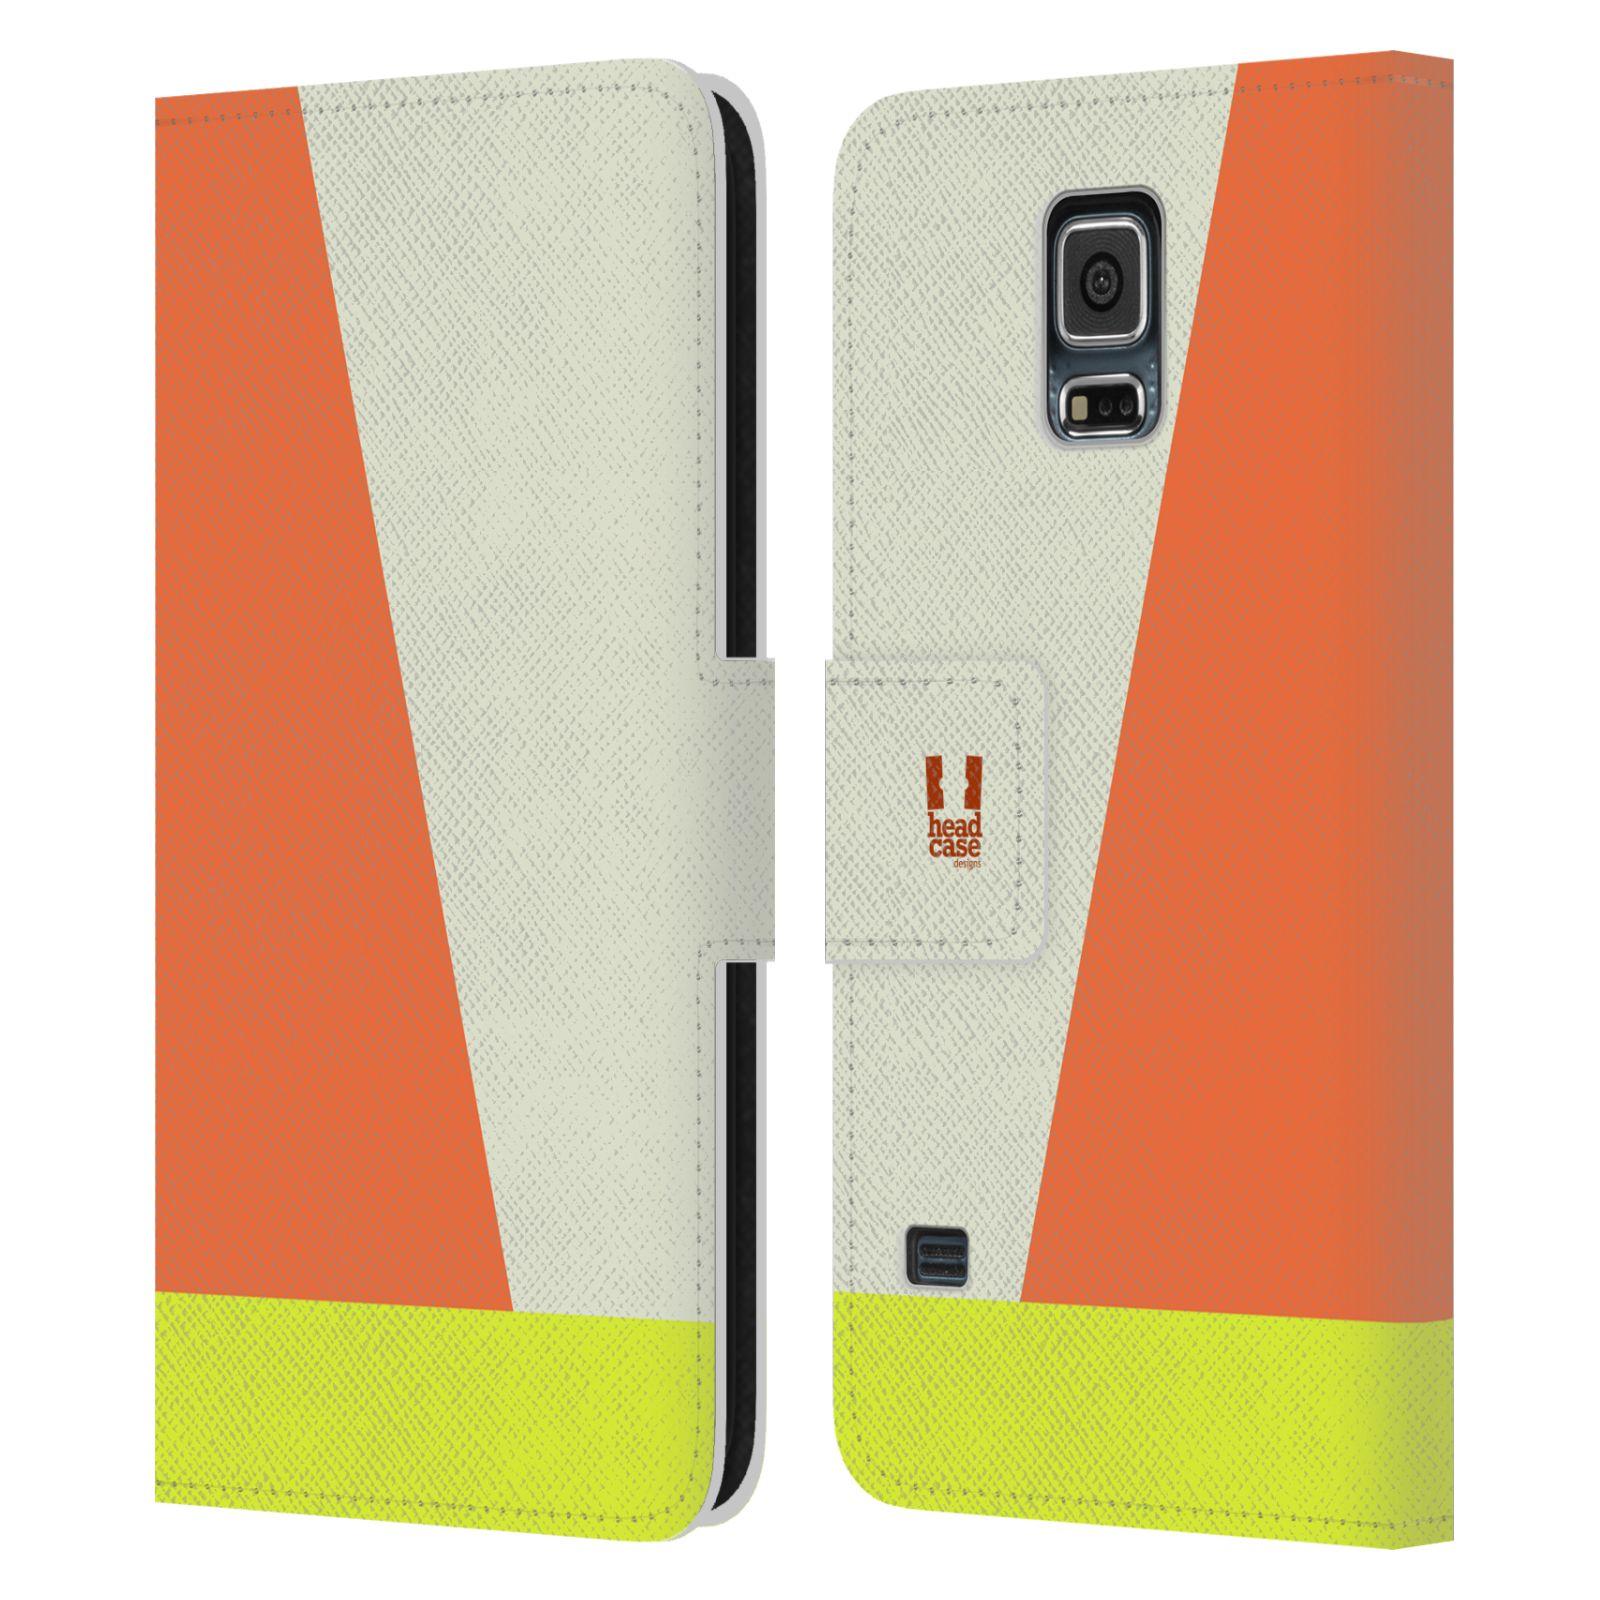 HEAD CASE Flipové pouzdro pro mobil Samsung Galaxy S5 barevné tvary slonová kost